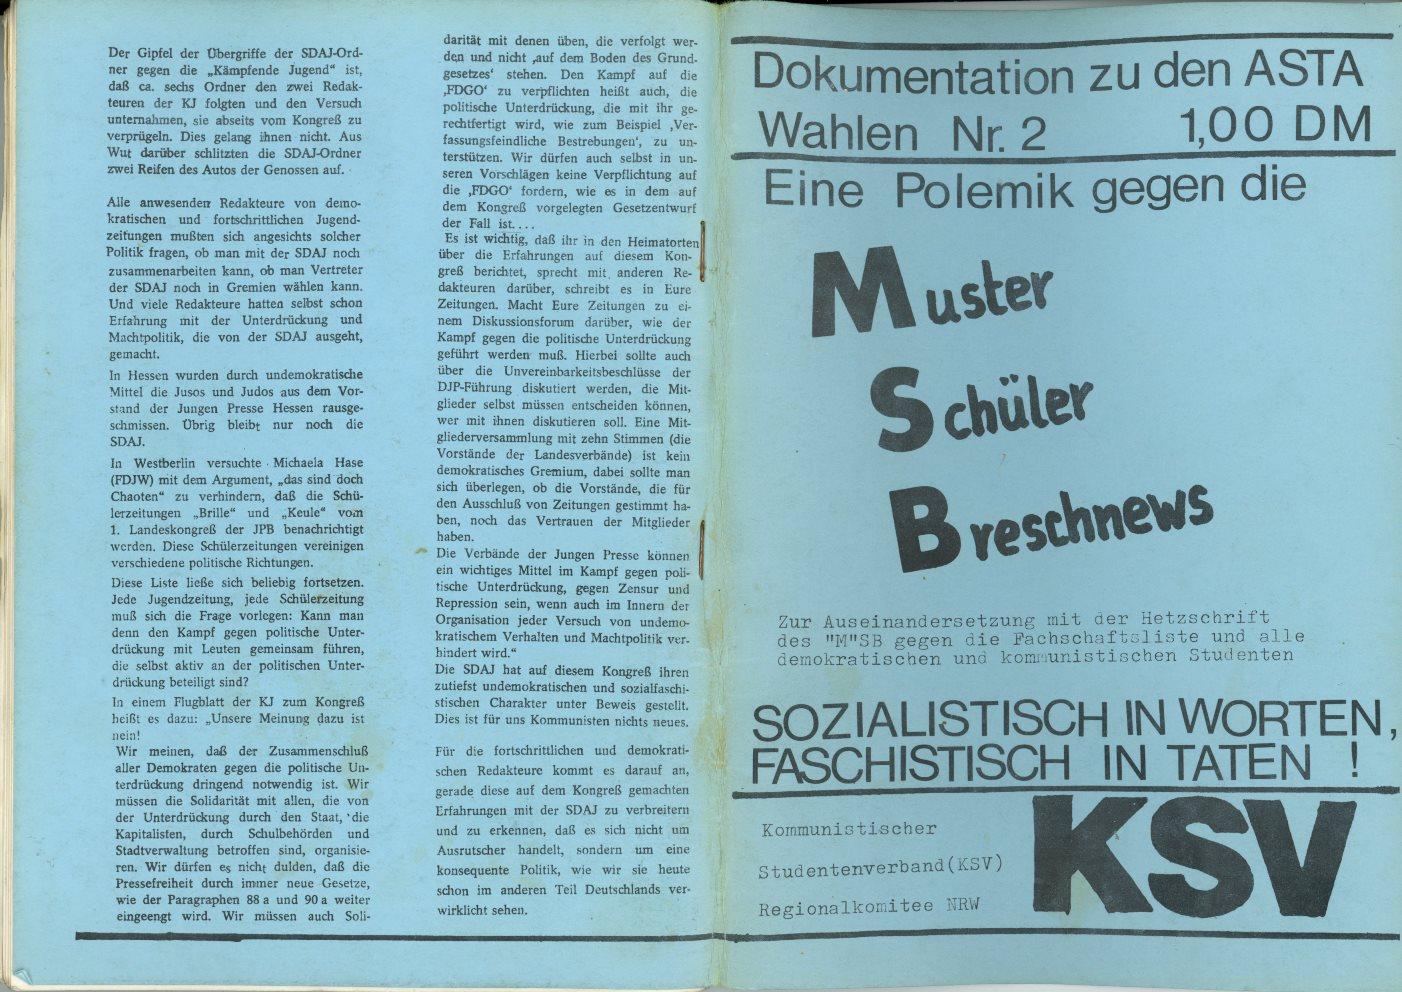 NRW_KSV_1977_Doku_zu_den_AStA_Wahlen_Nr_2_01